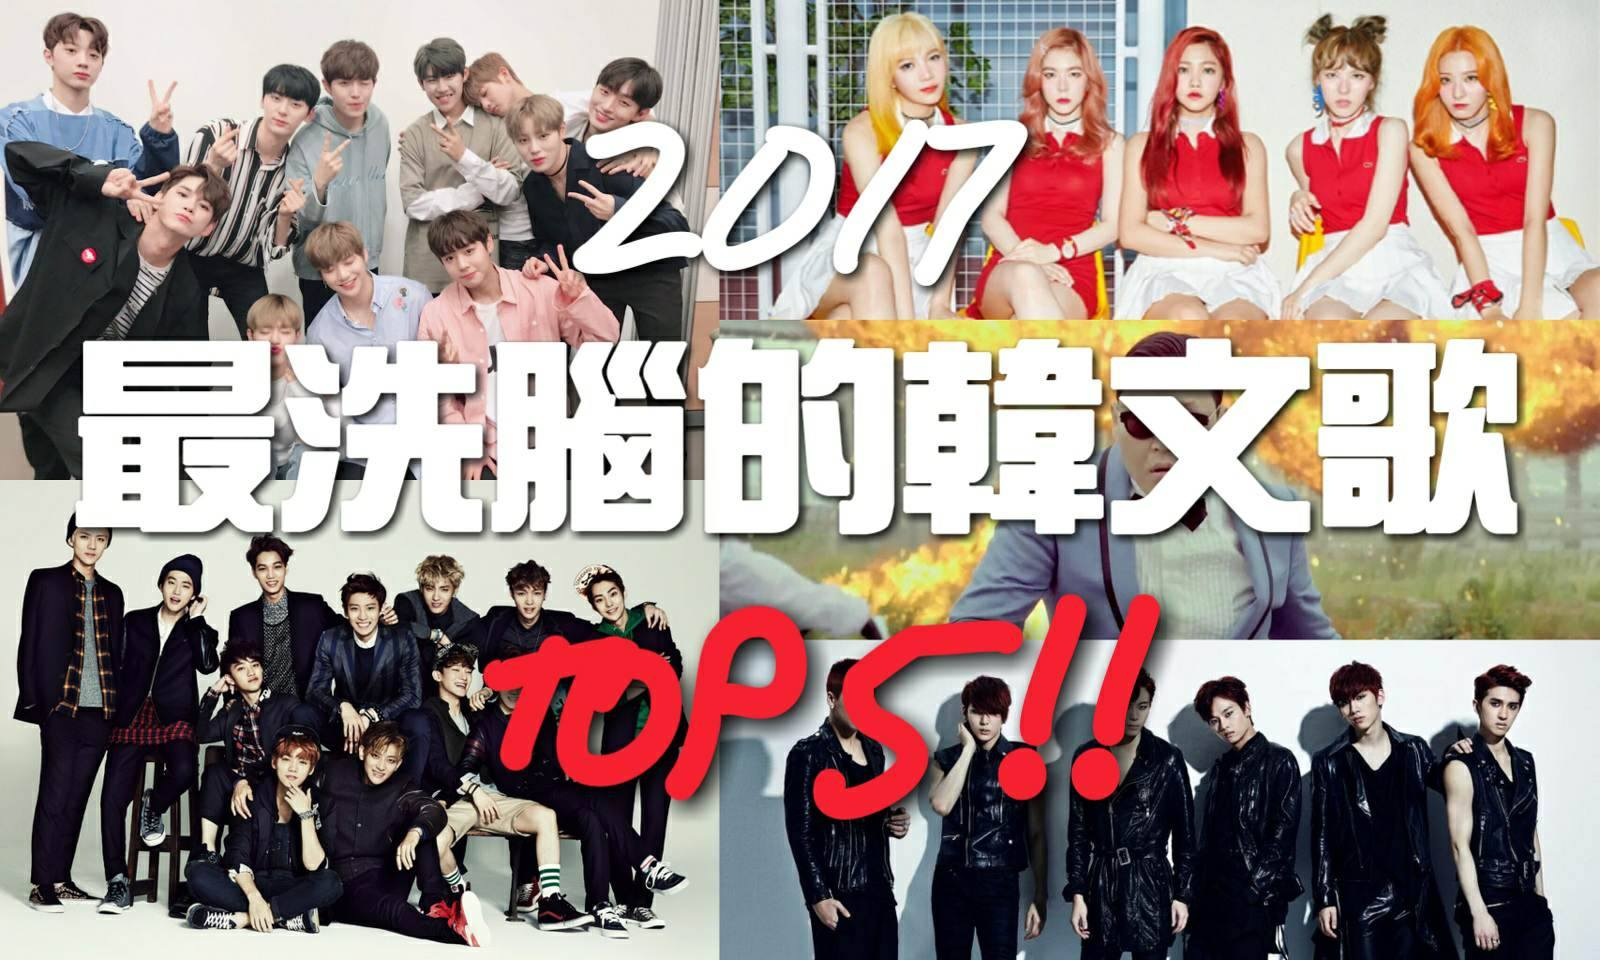 2017最洗腦的韓文歌~TOP 5!!!